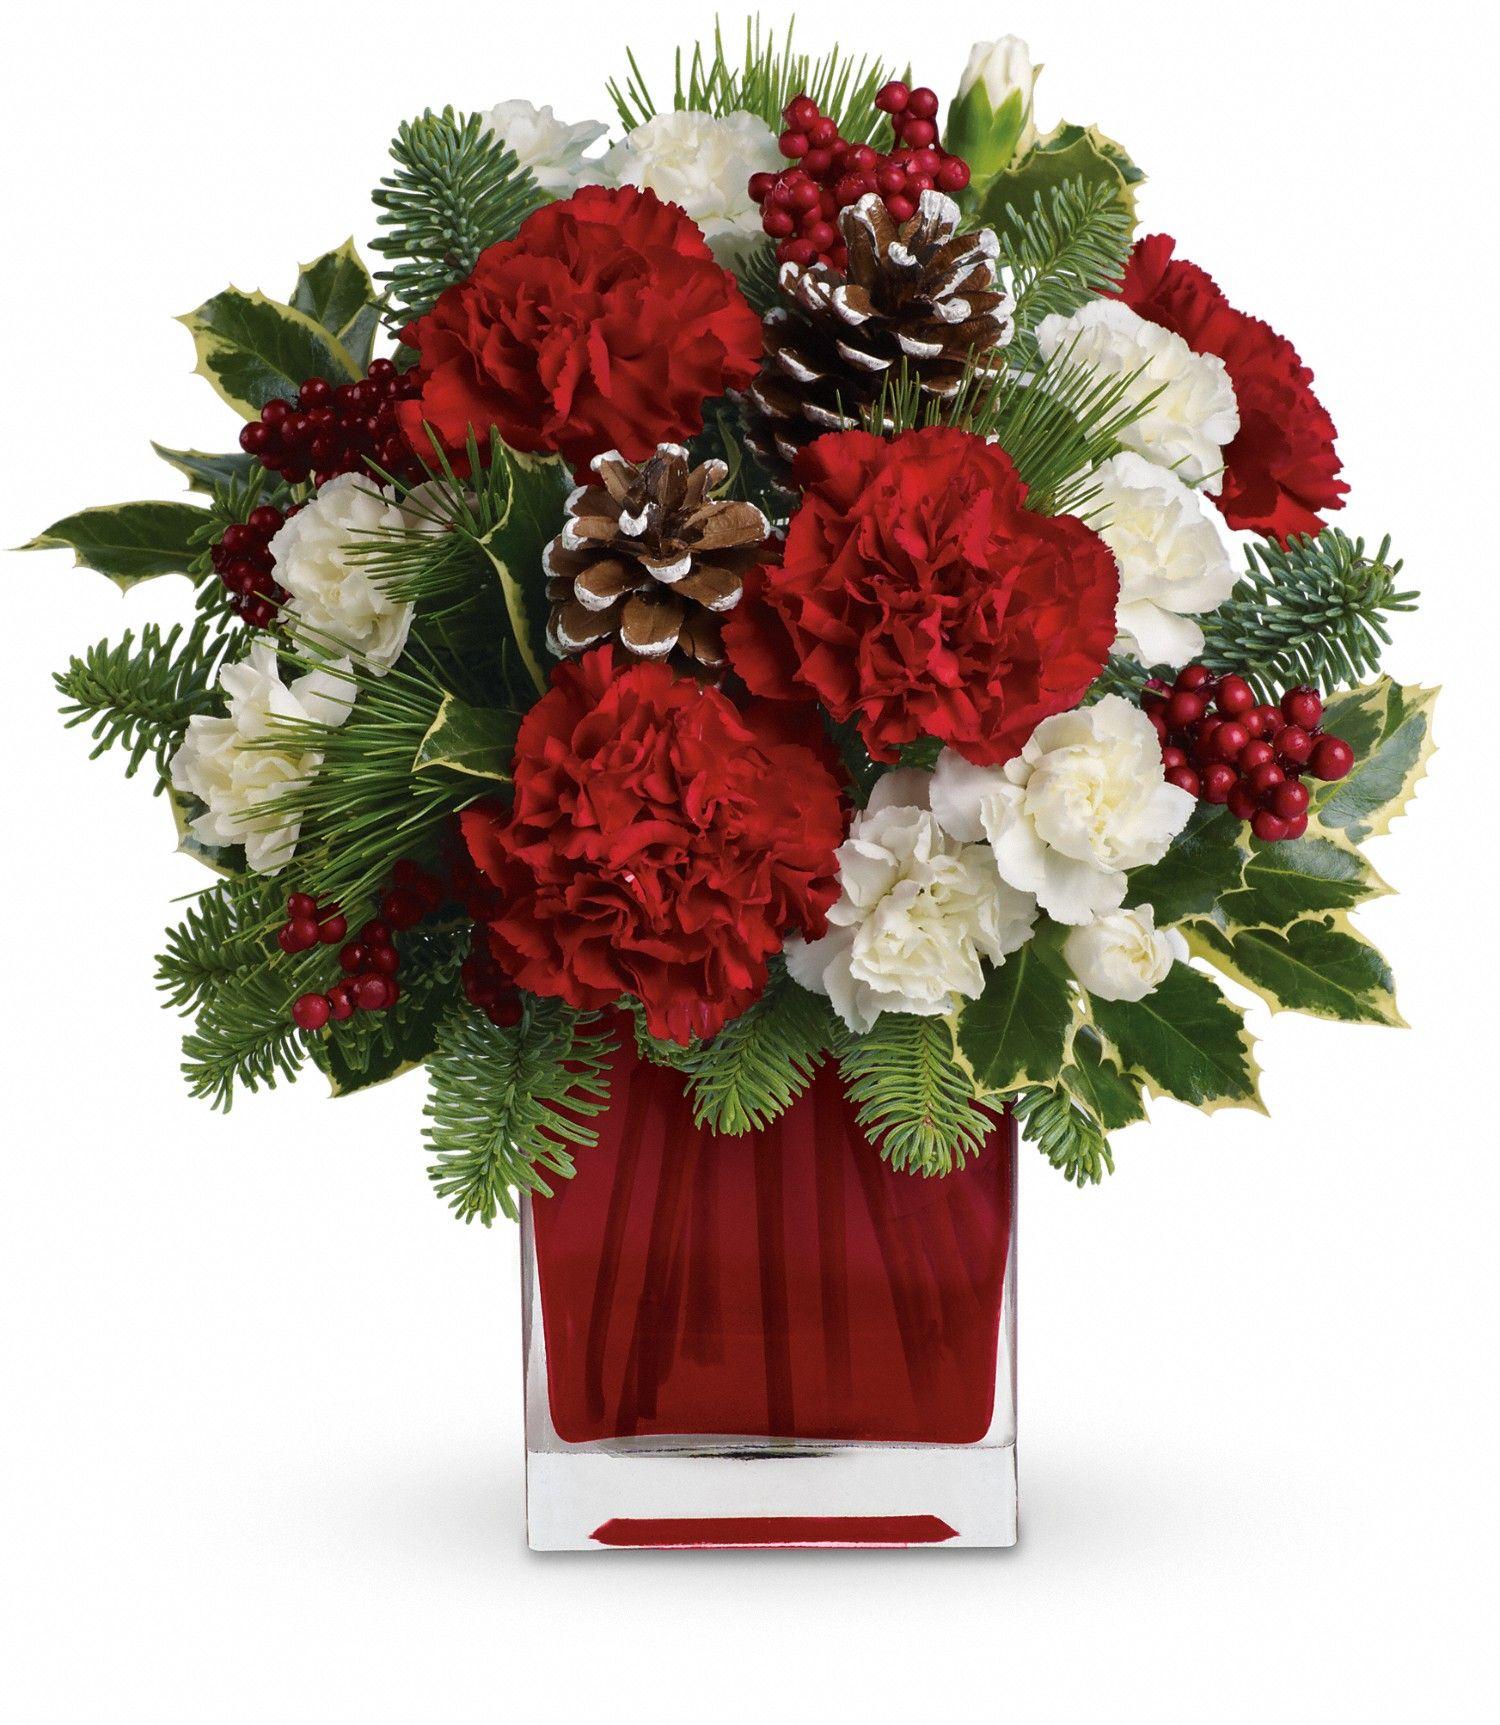 Mancusos.com #Flowers #Christmas #Holiday   Christmas Flowers ...